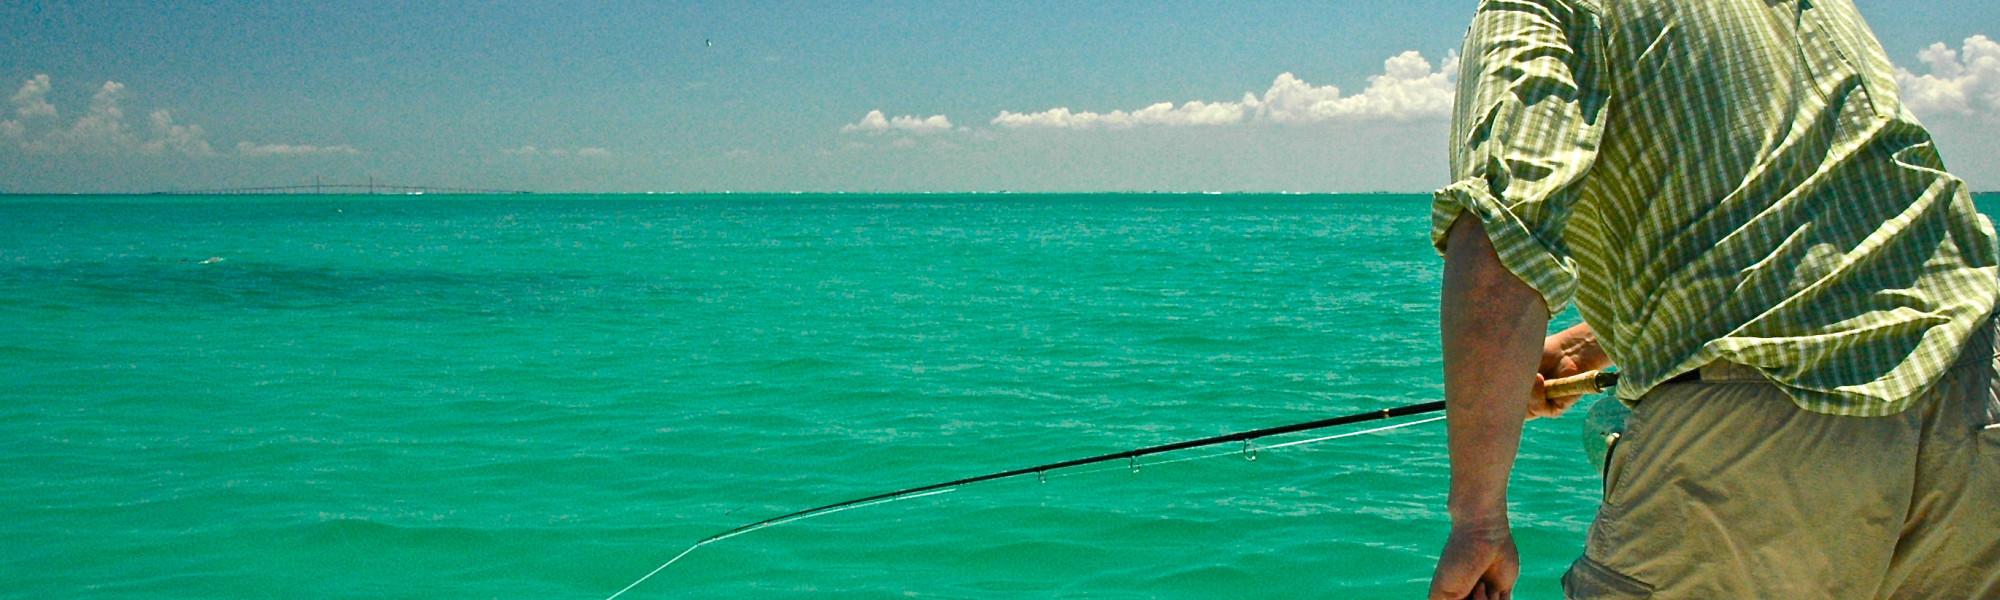 Tampa Bay Tarpon Fly Fishing.